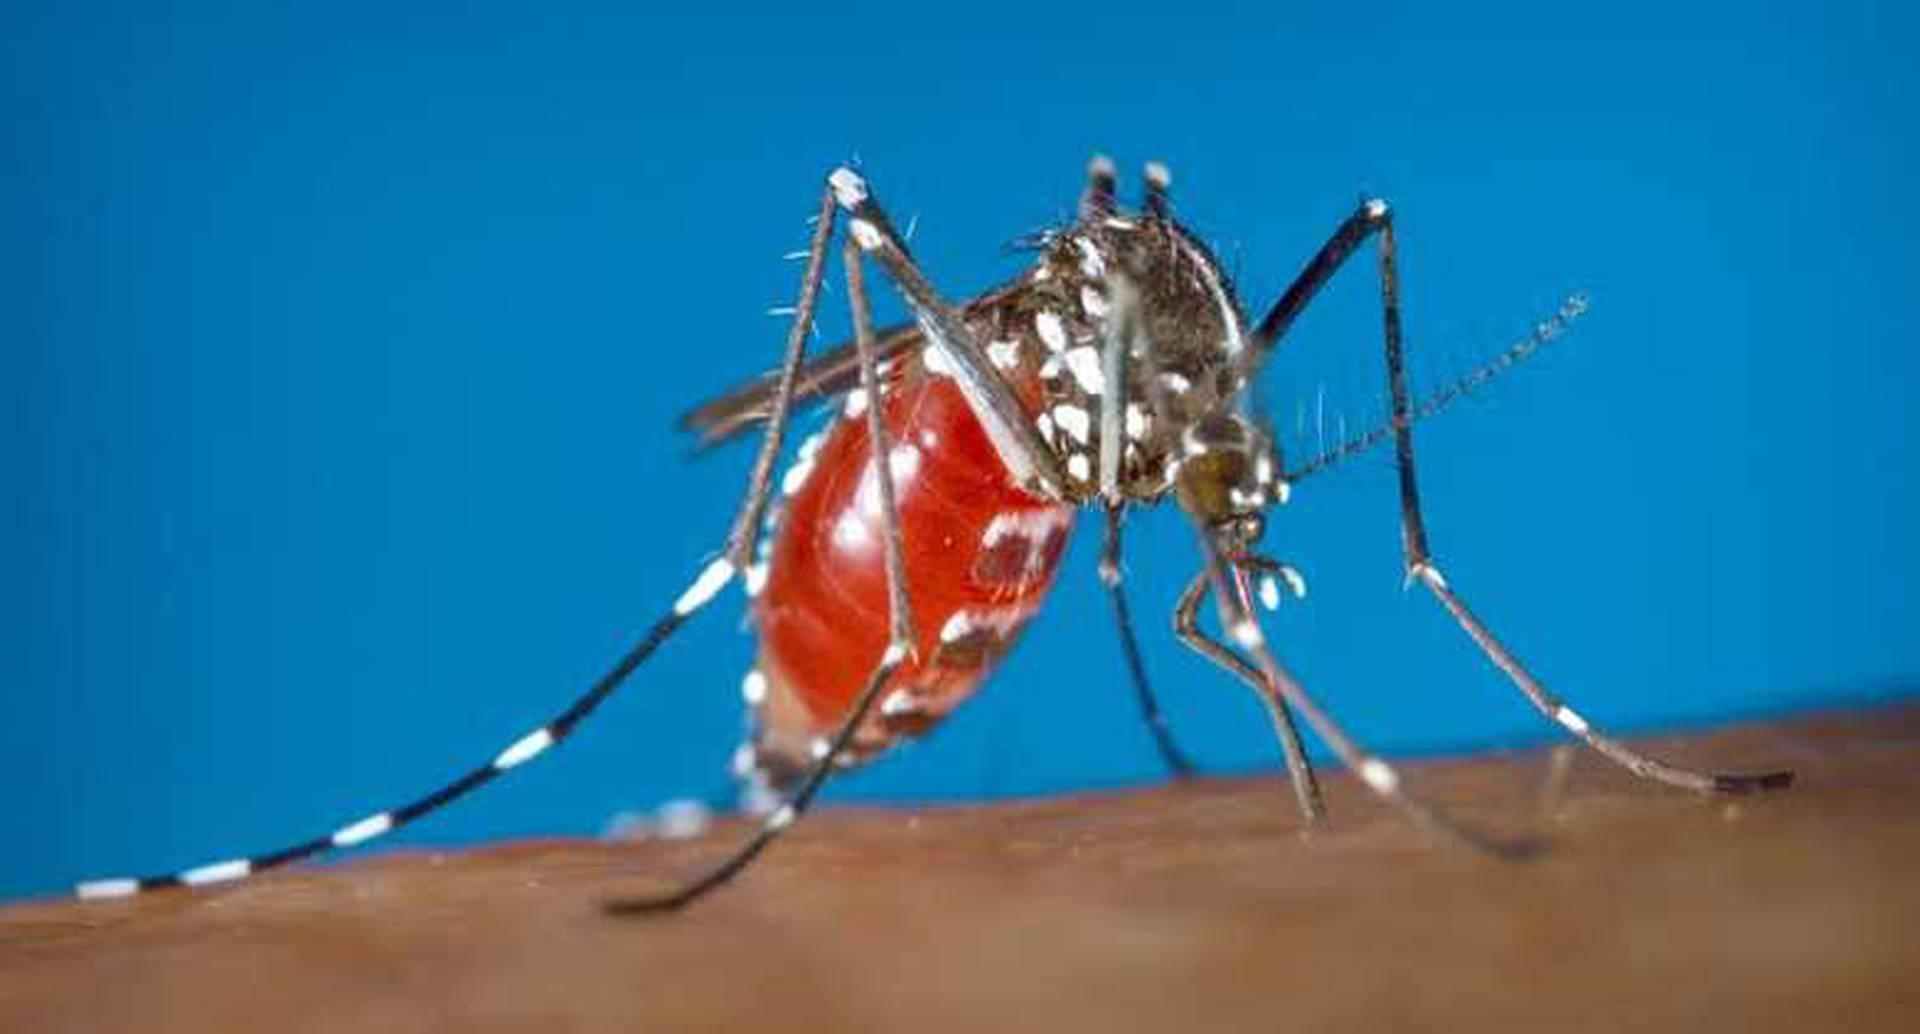 El mosquito Aedes aegypti que transmite el virus del zika, la fiebre amarilla y el chikungunya, también podría ser un vector para mayaro.